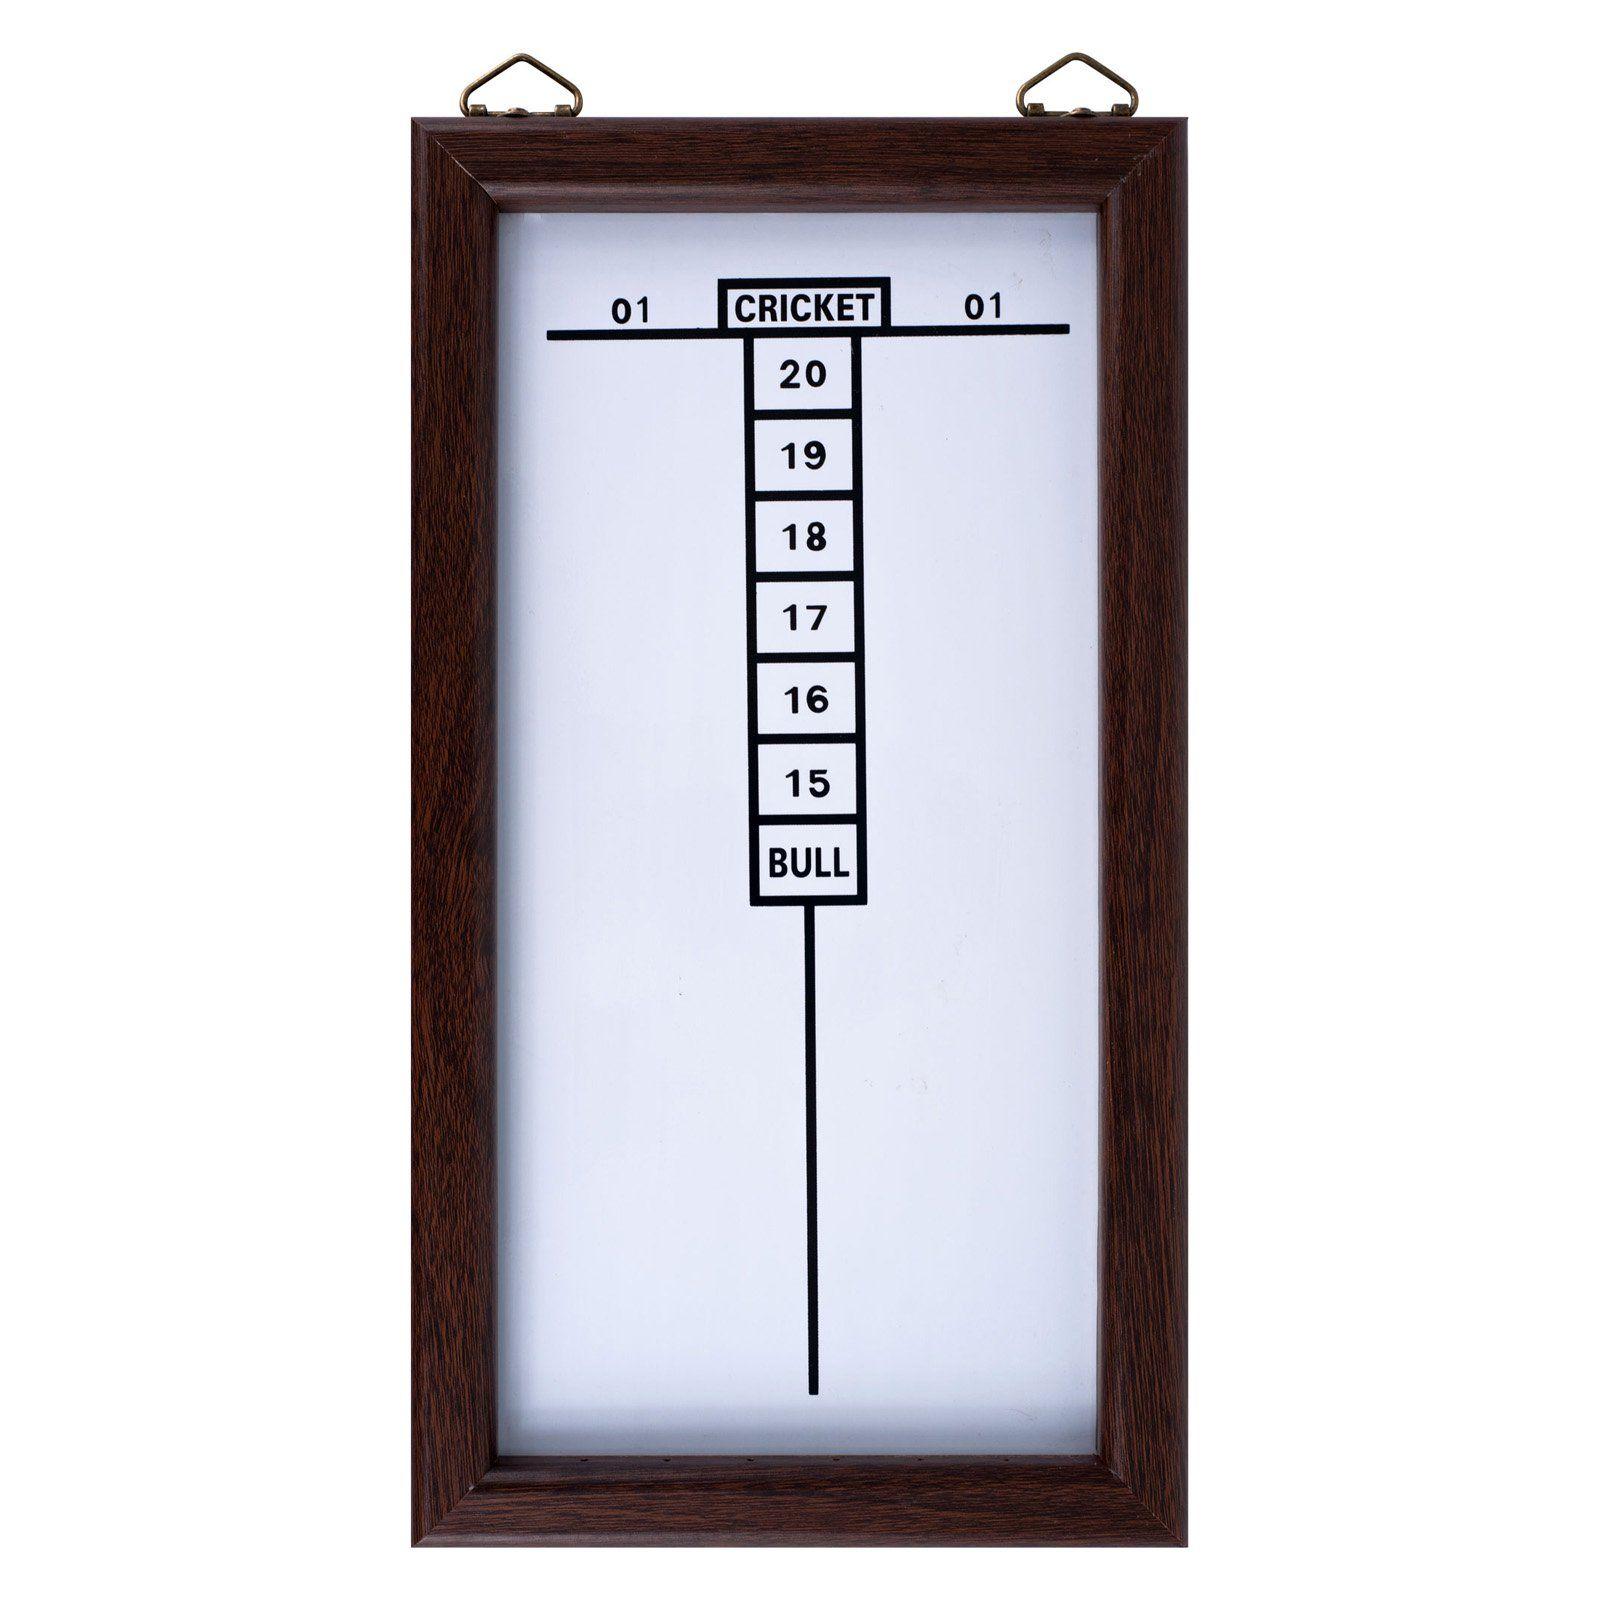 Dry Erase Dart Board Cricket Scoreboard 1532506